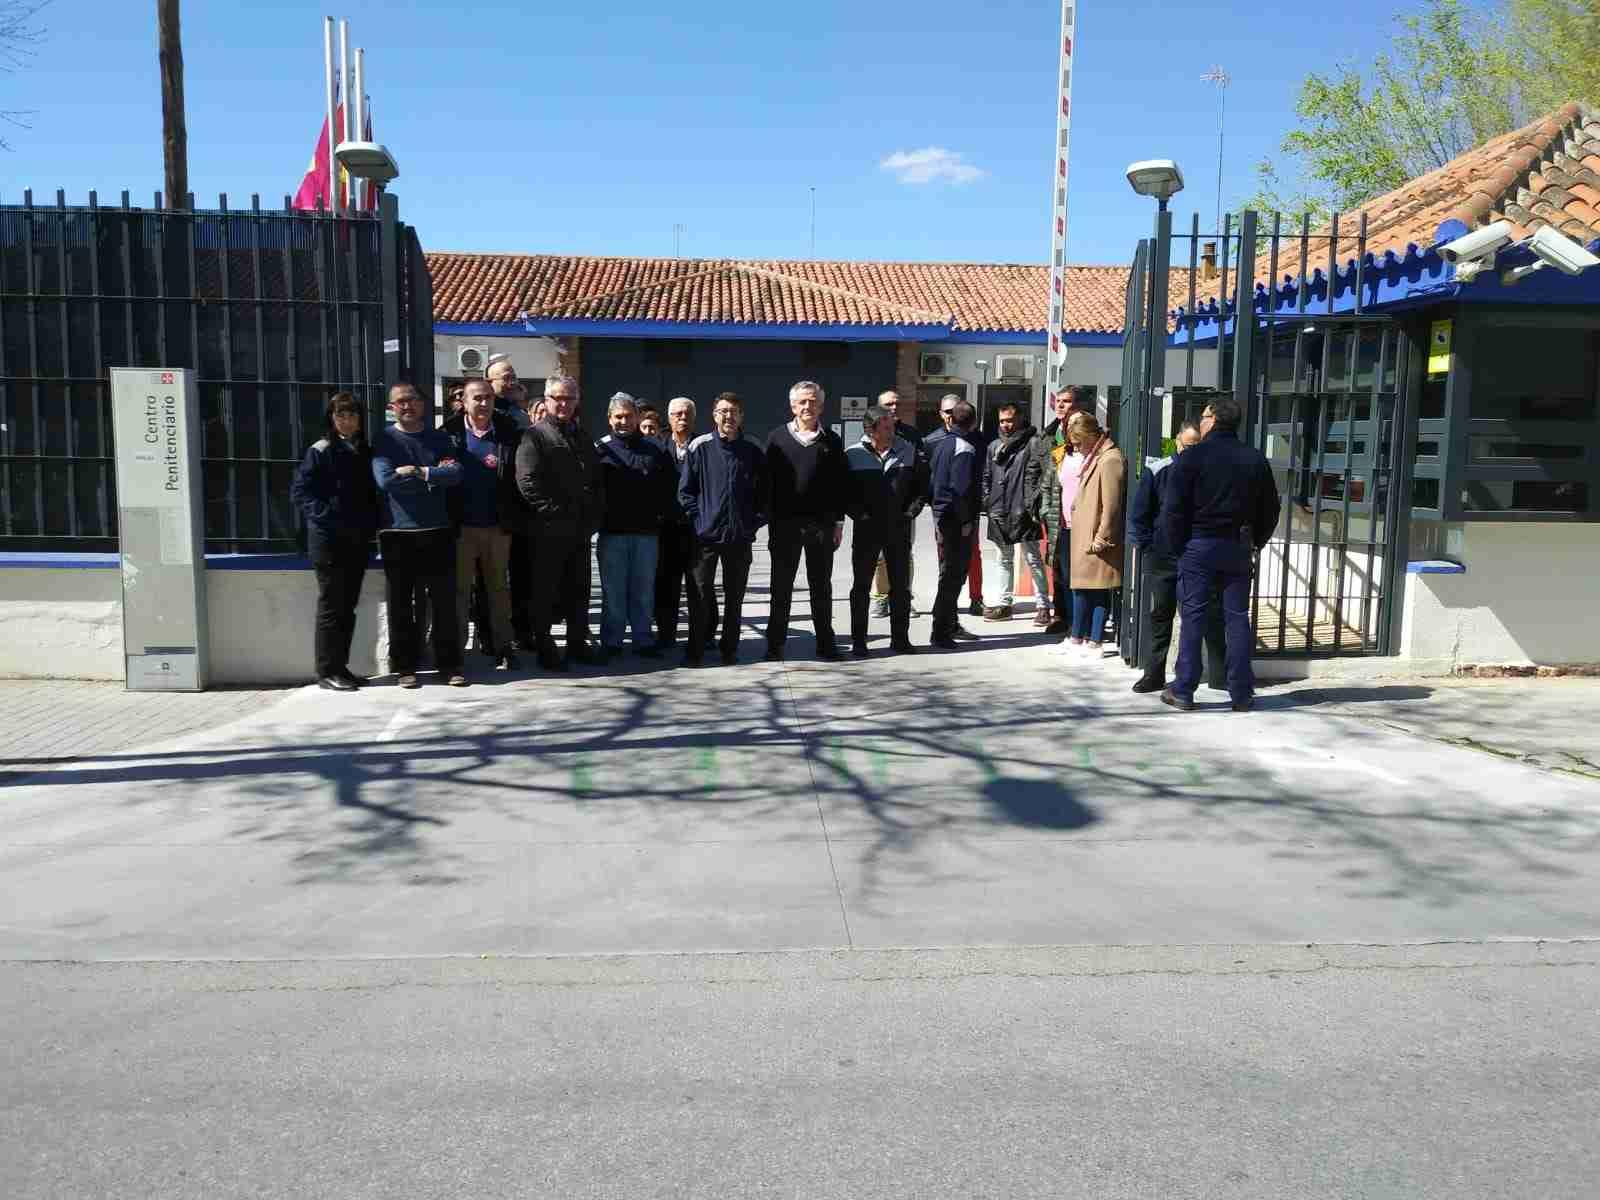 Empleados públicos de prisiones de Ciudad Real paran para protestar contra el incremento de agresiones a funcionarios 3